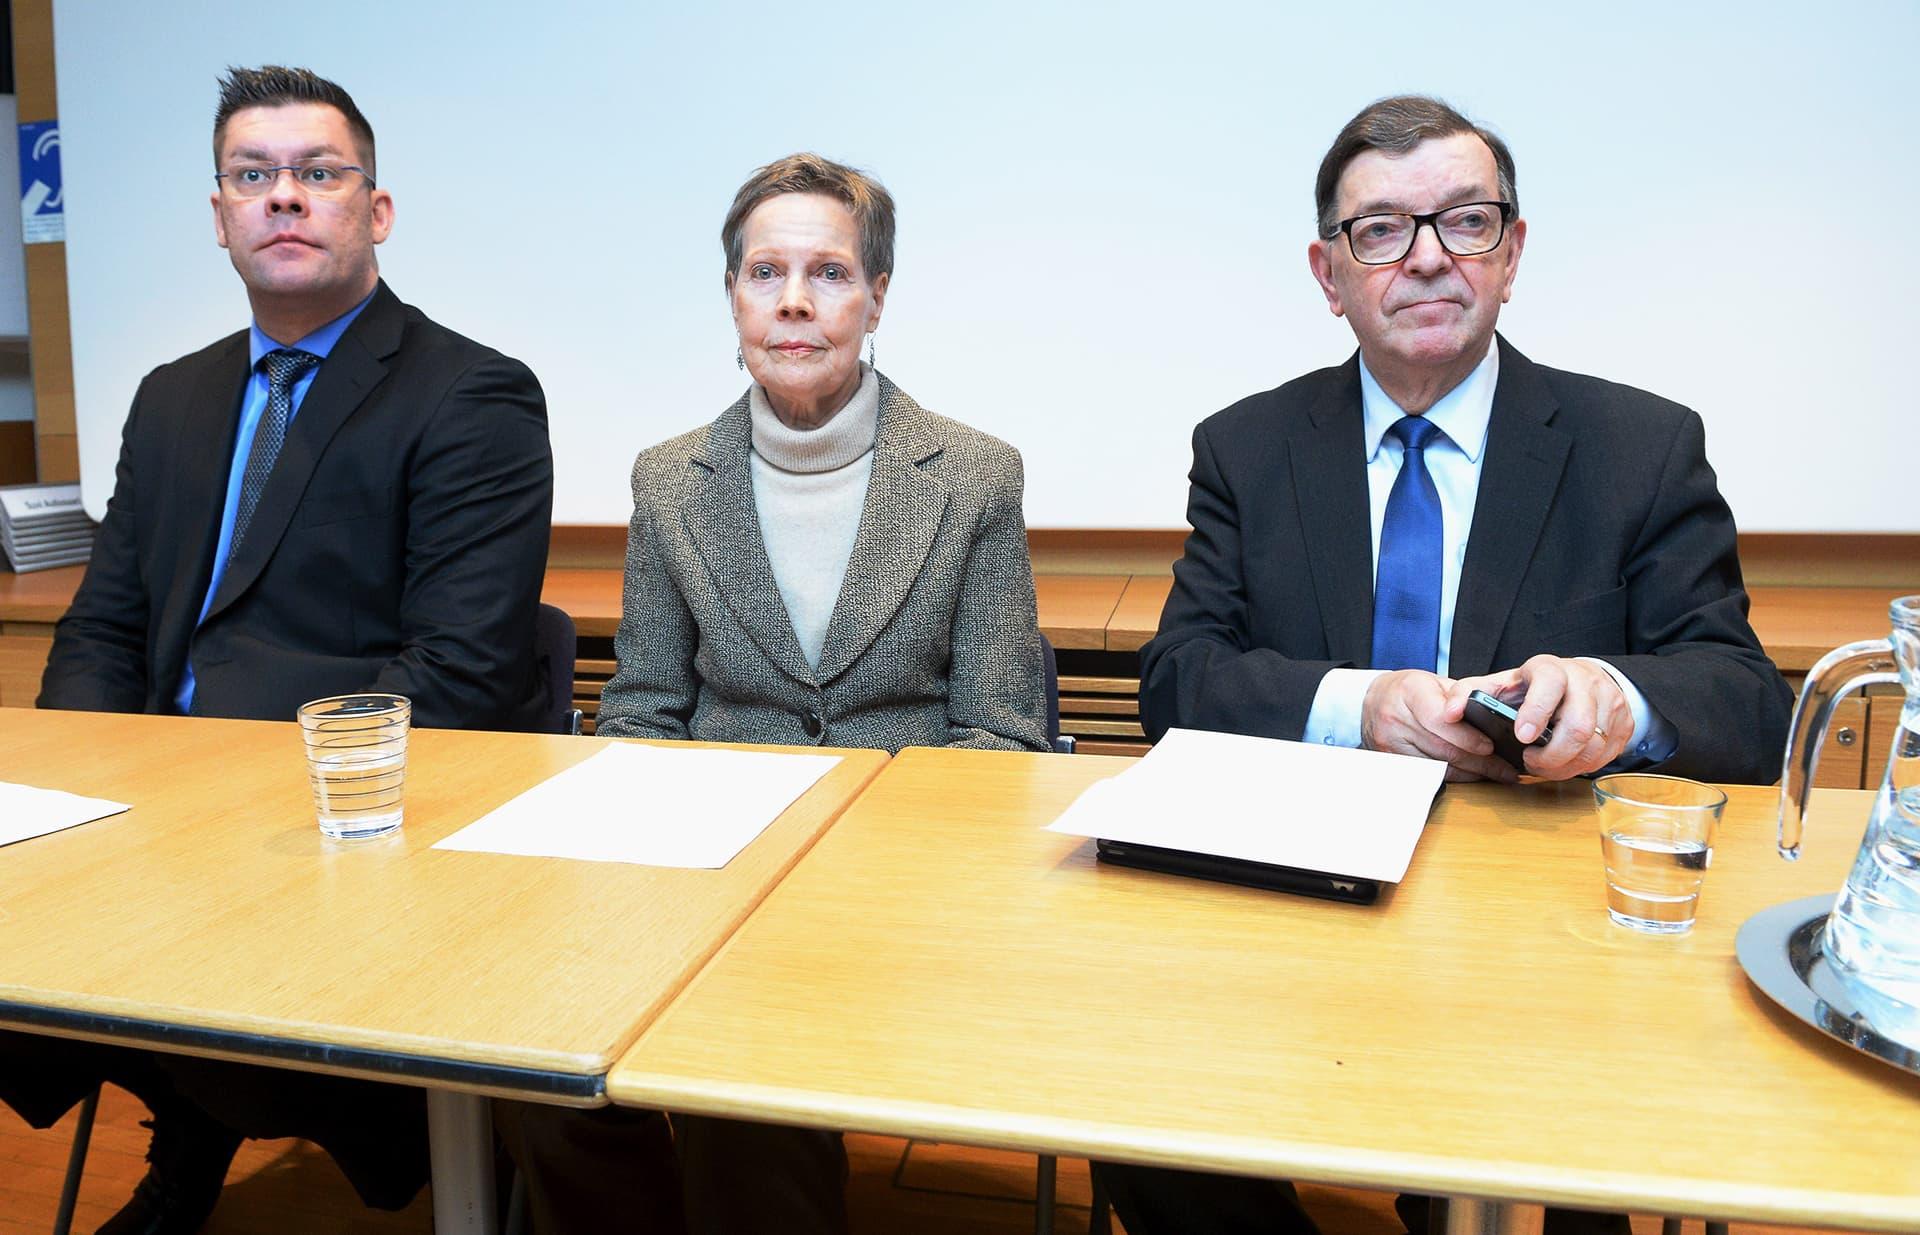 Tähtiliikkeen Paavo Väyrynen kertoi Ilja Janitskinin ja Pirkko Turpeinen-Saaren olevan liikkeen ehdokkaat eduskunta- ja eurovaaleissa.